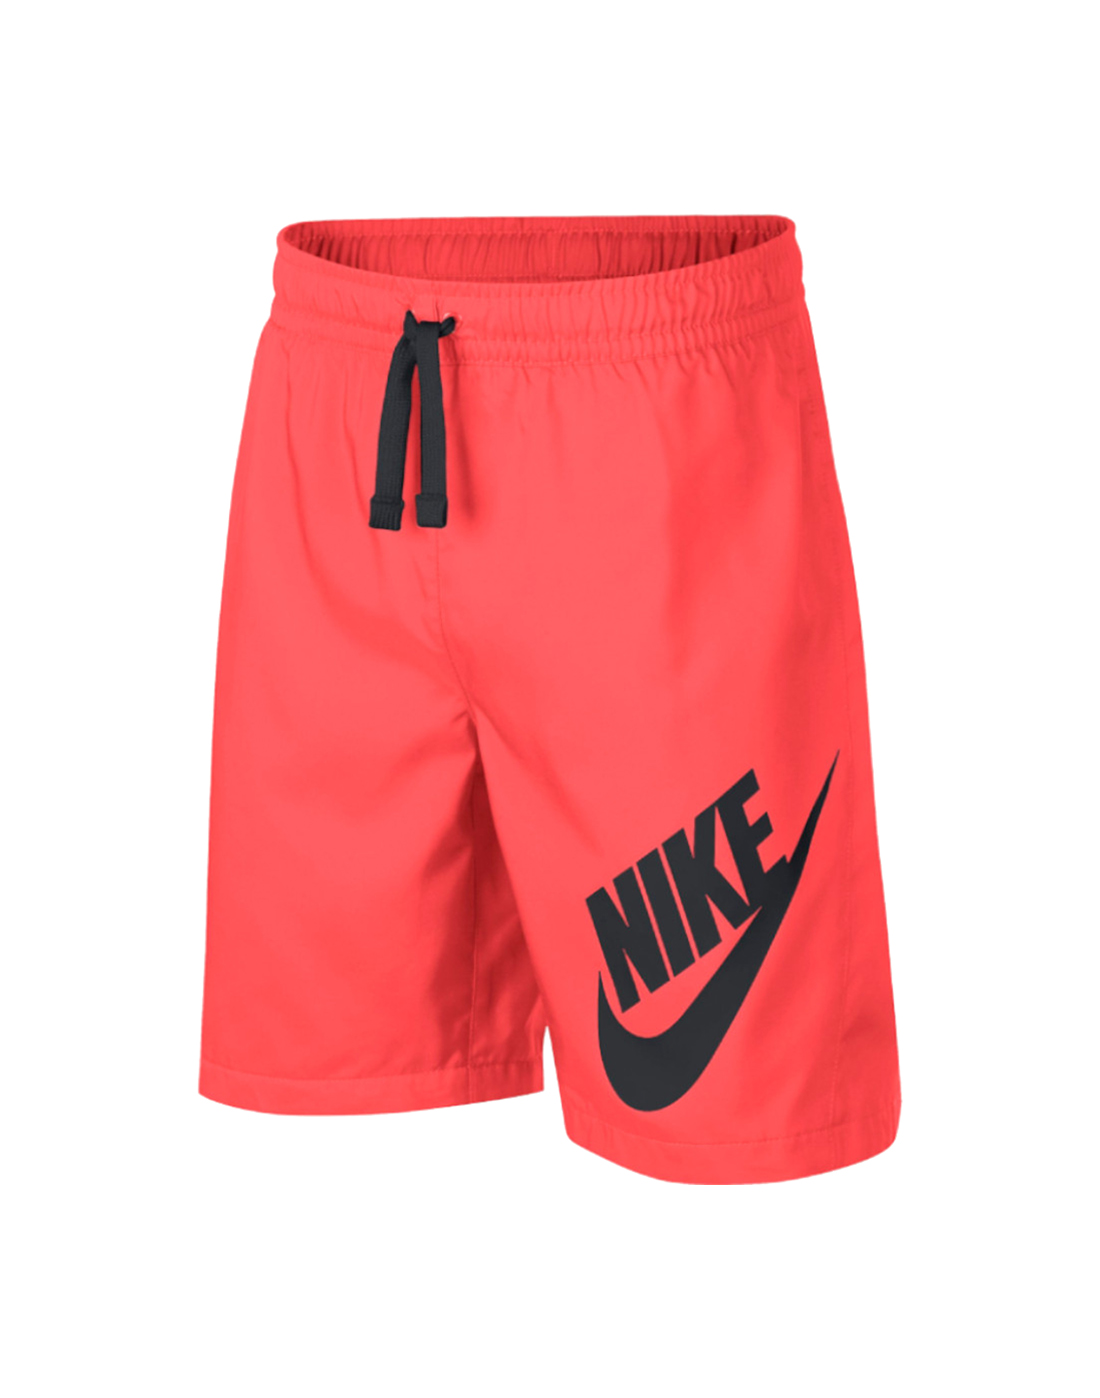 0e28d40f78 Nike Older Boys Logo Short